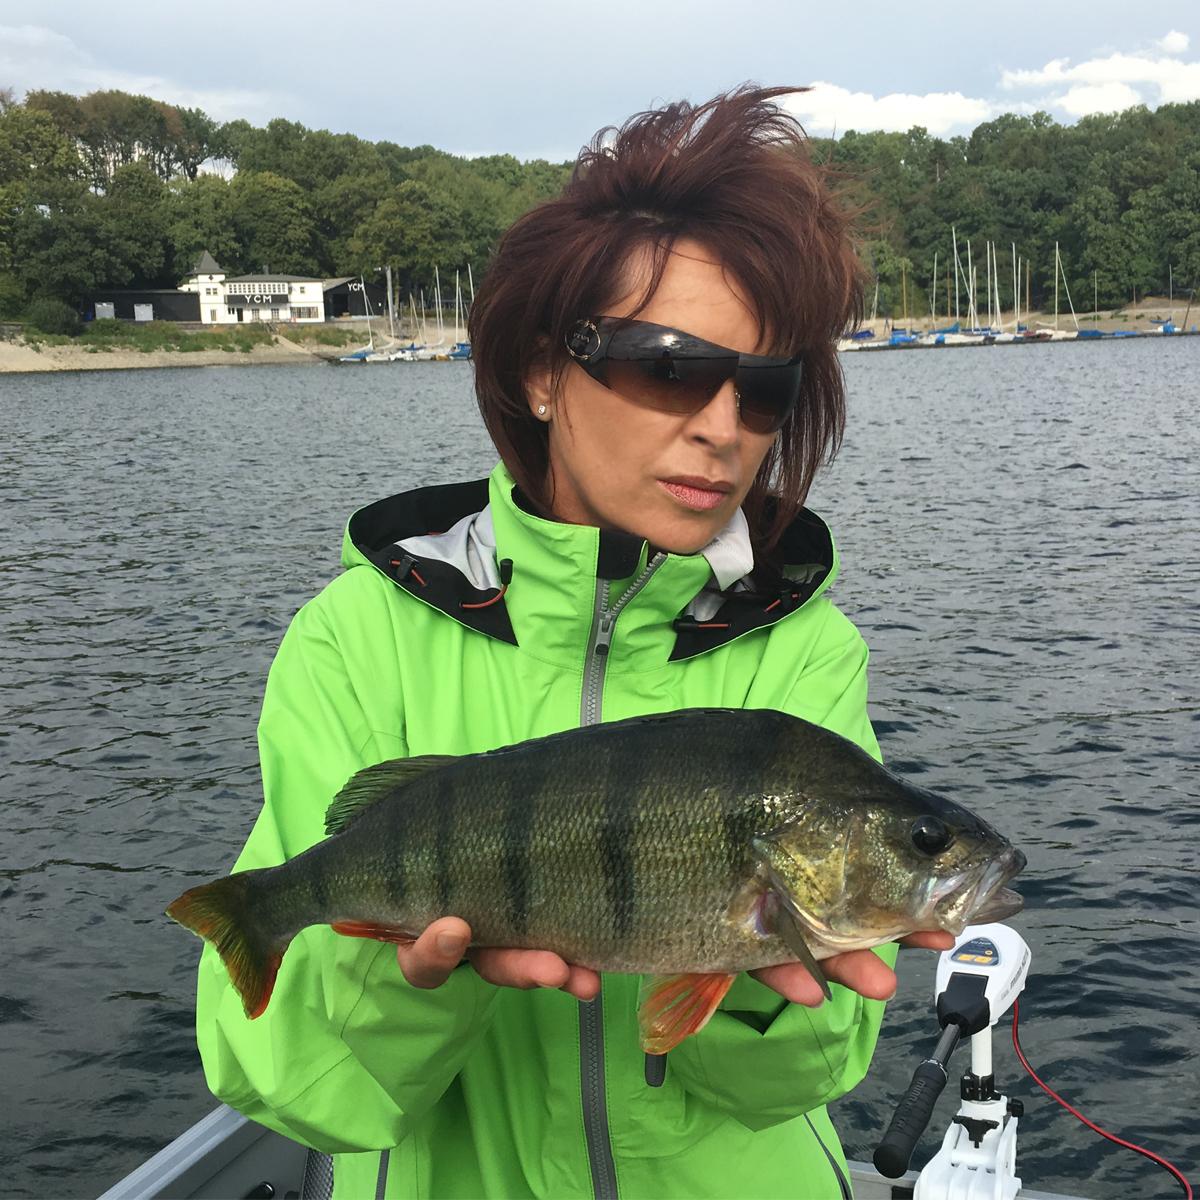 Mirjana Pavlic mit Barsch aus dem Möhnesee